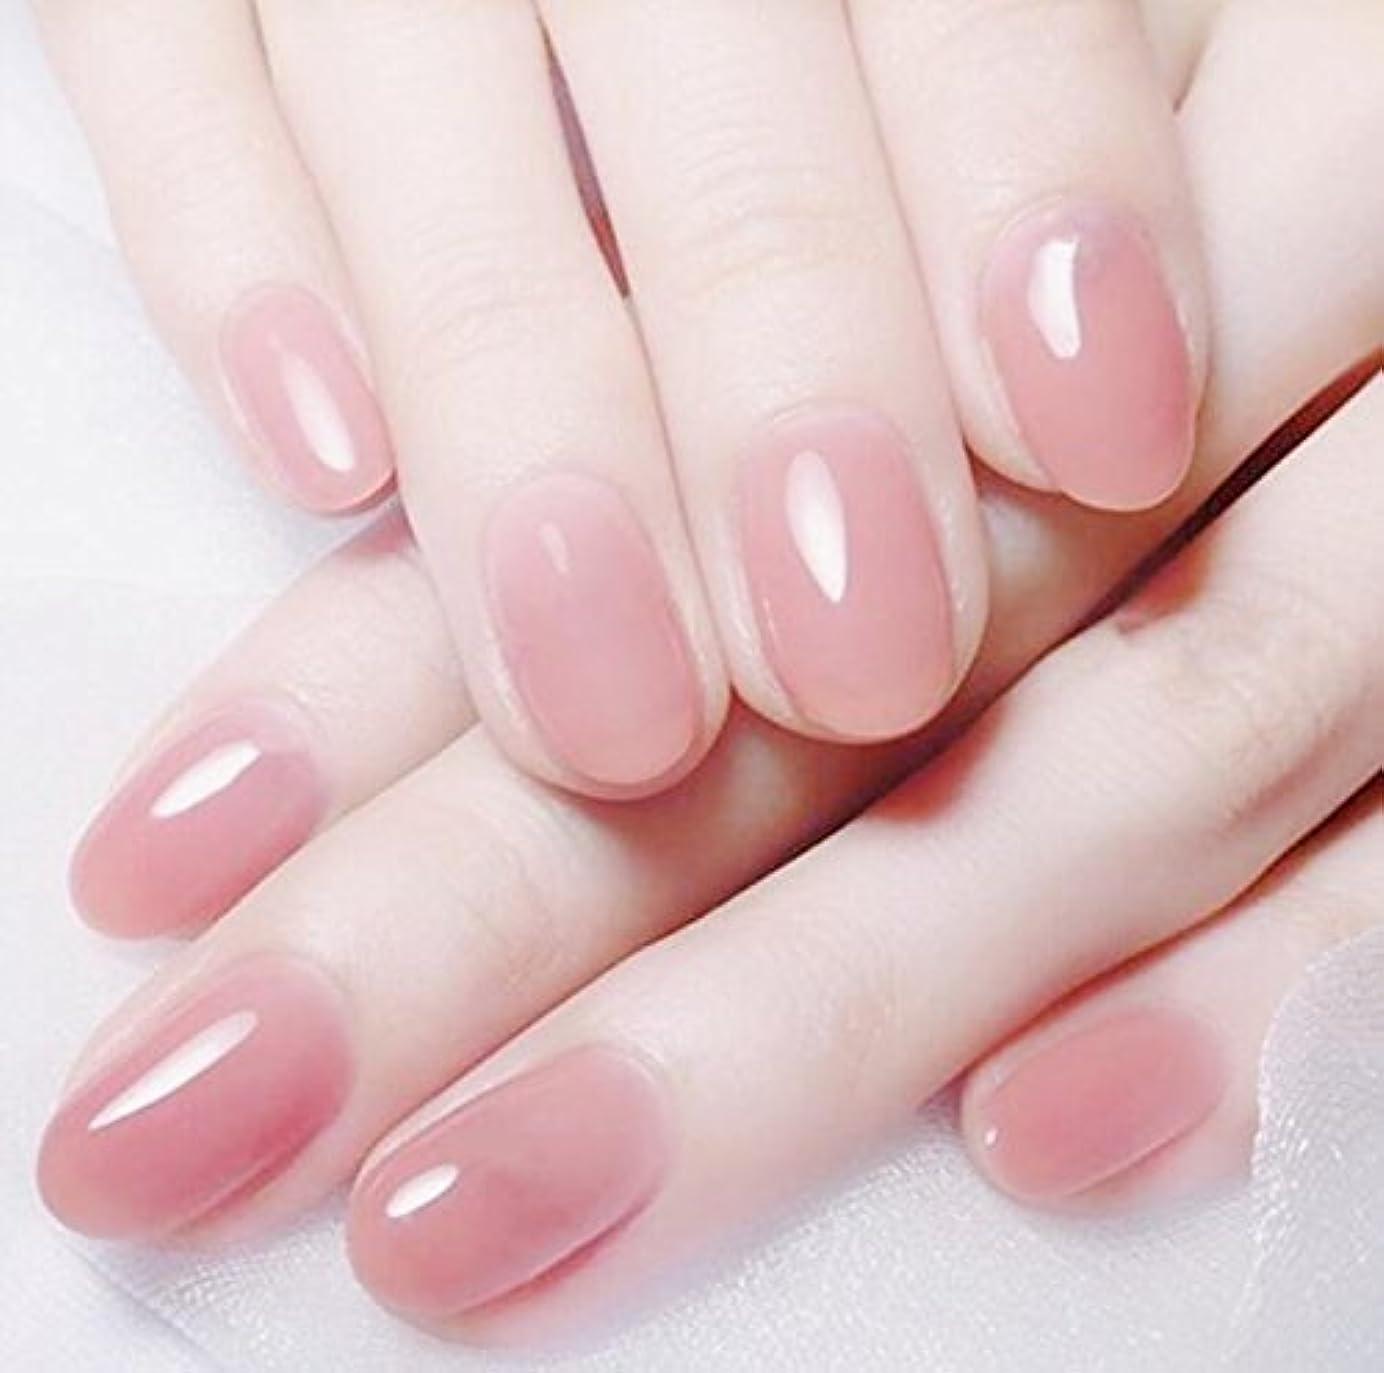 心臓ソファーところで24 pcs ネイルチップ 夏の 無地 透明 ゼリー ピンク 可愛い ウェディング ブライダル 優雅 短い